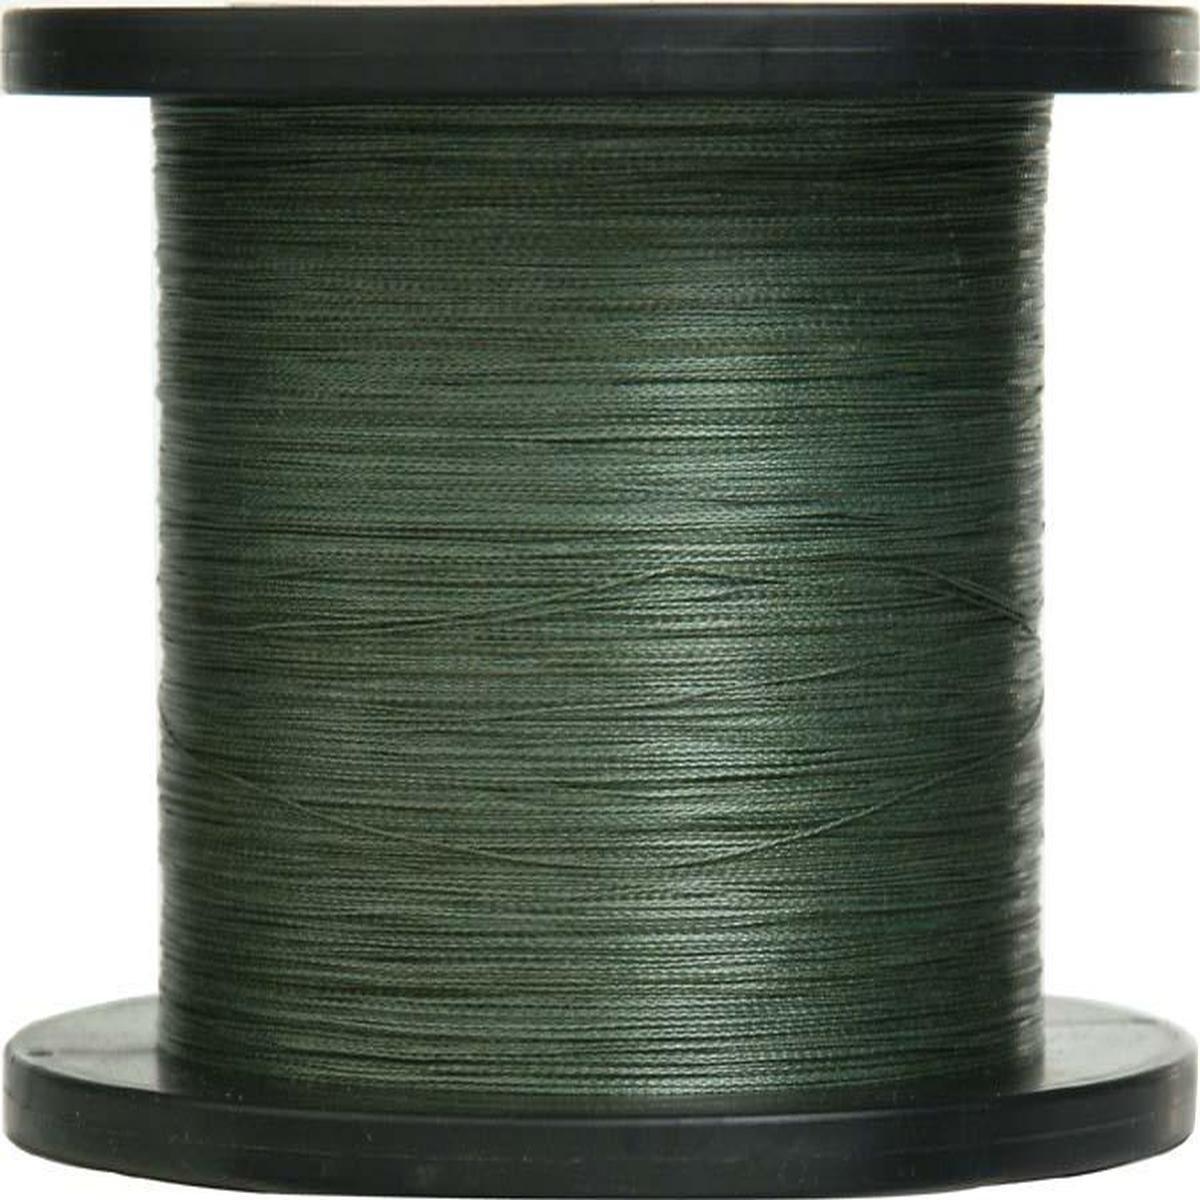 【送料無料キャンペーン?】 PowerPro Moss Green Line- 6.8kg Moss 6.8kg// 1500 Yd 21100151500E Green B0009V0H4Y, 柴又亀家本舗:75bfbe0d --- a0267596.xsph.ru